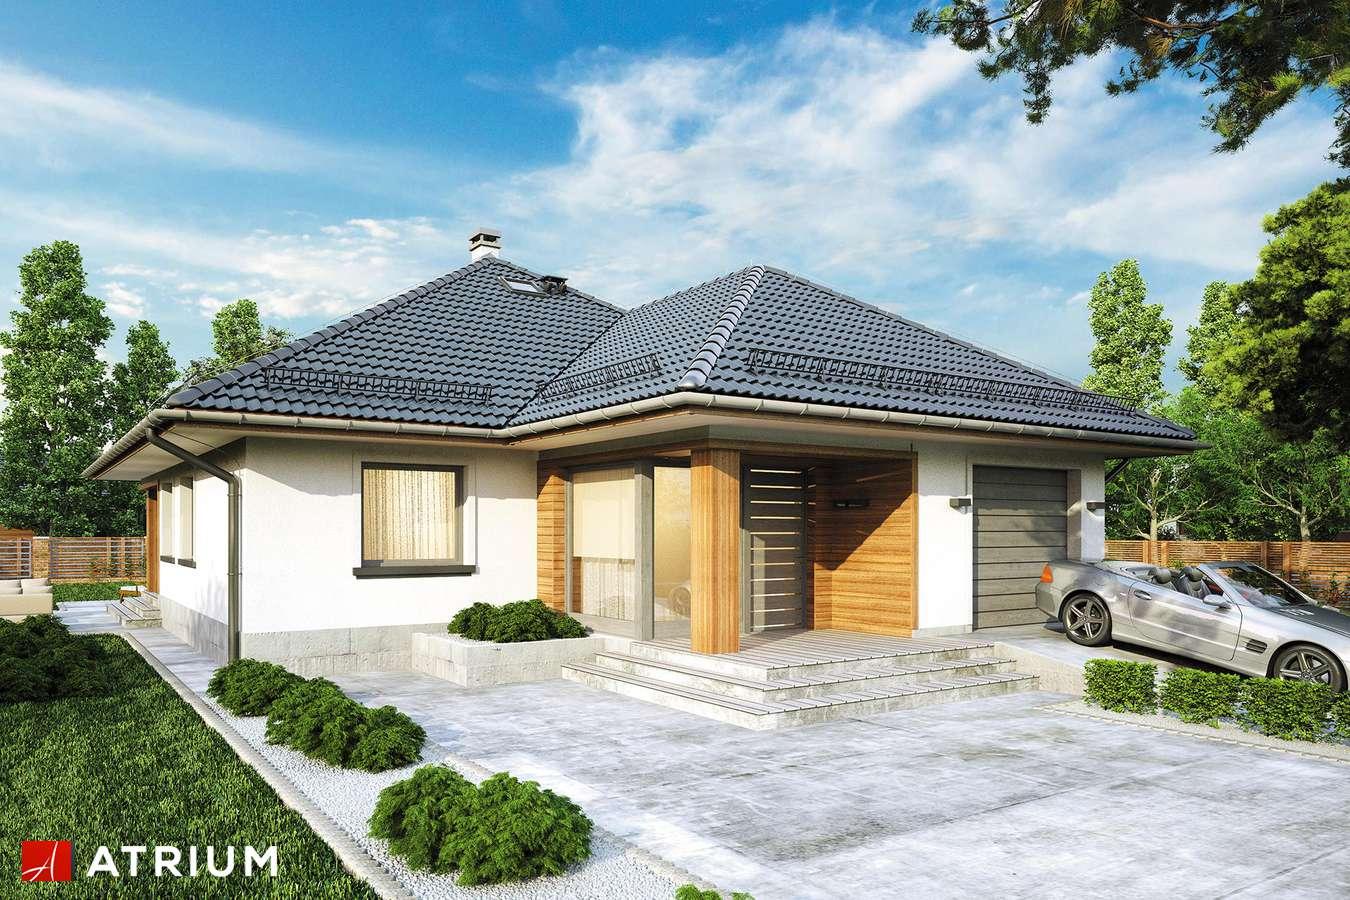 Projekty domów - Projekt domu z poddaszem MODELOWY - wizualizacja 1